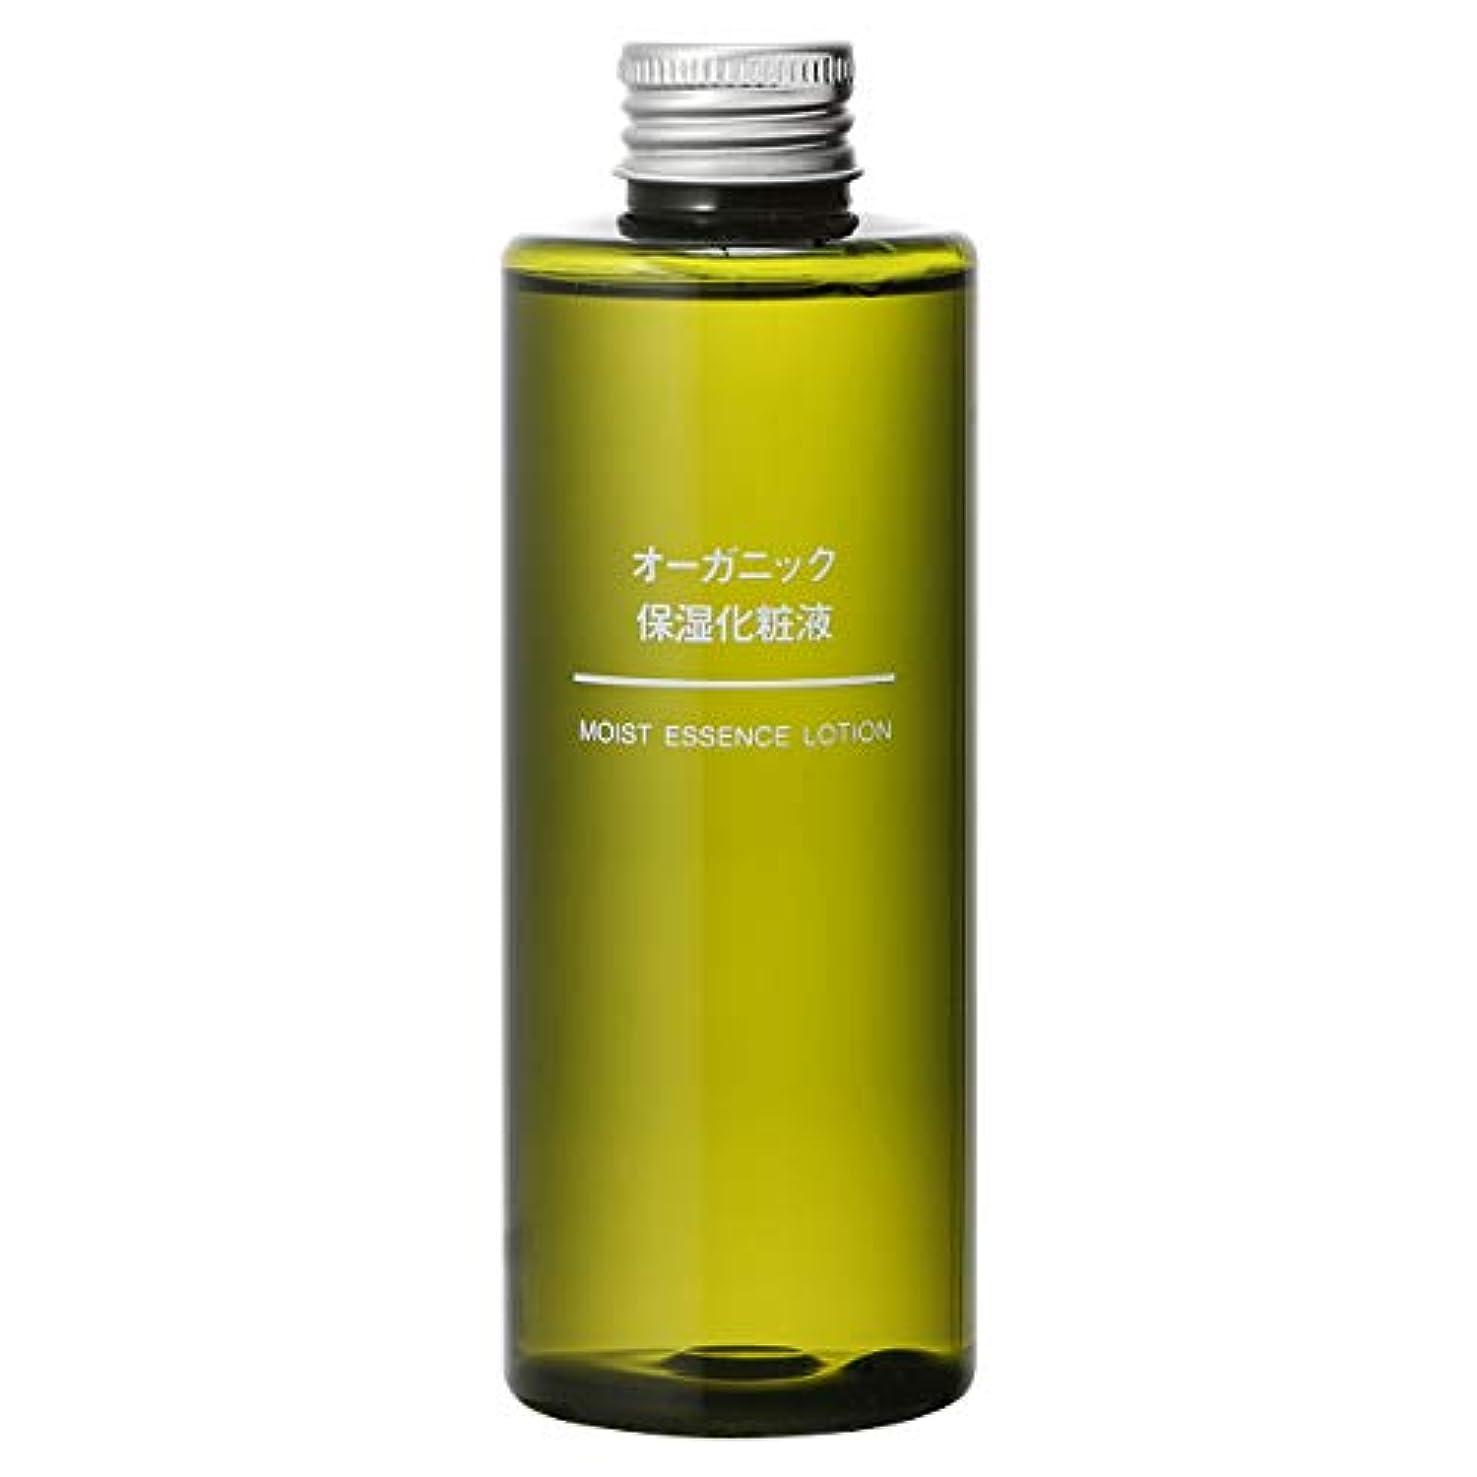 からかう確認する前に無印良品 オーガニック保湿化粧液 200ml